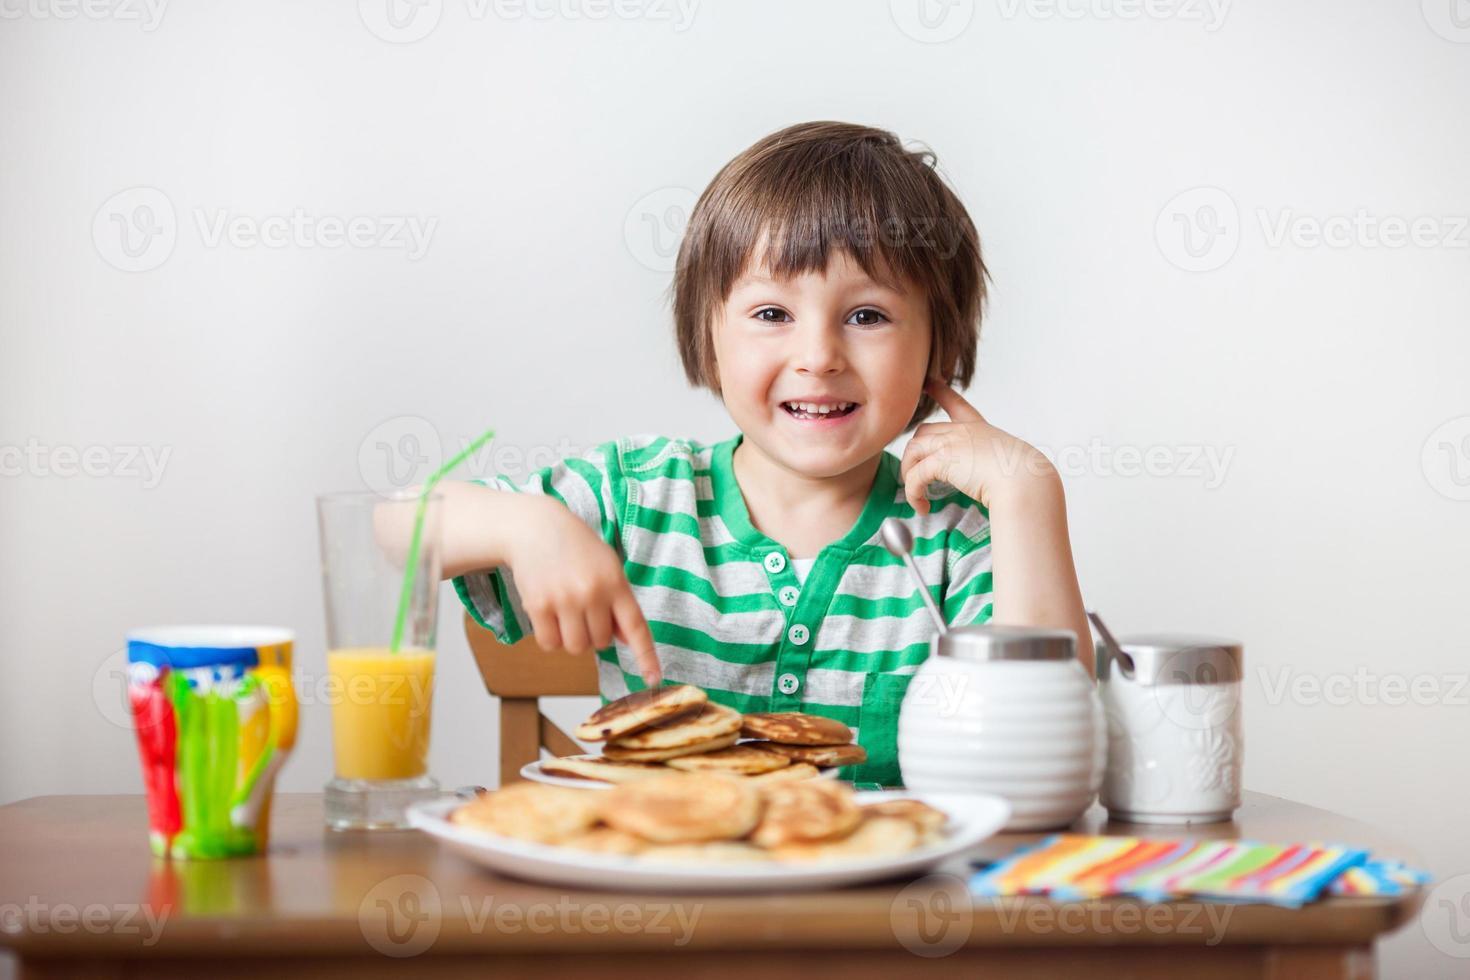 süßer kleiner kaukasischer Junge, der Pfannkuchen isst foto